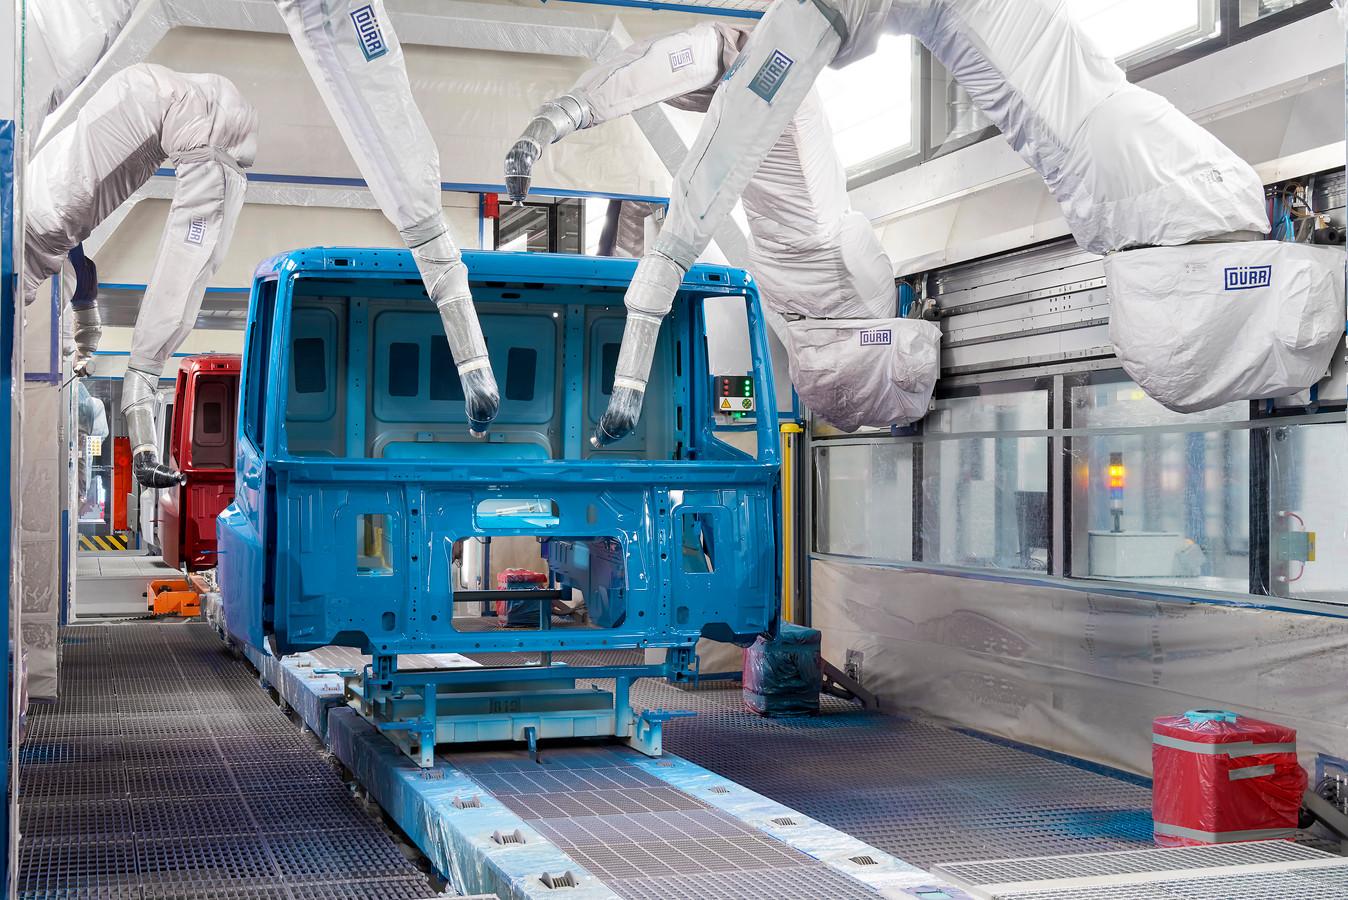 Met de nieuwe cabinelakstraat heeft DAF een belangrijk knelpunt in de productiecapaciteit weggenomen.